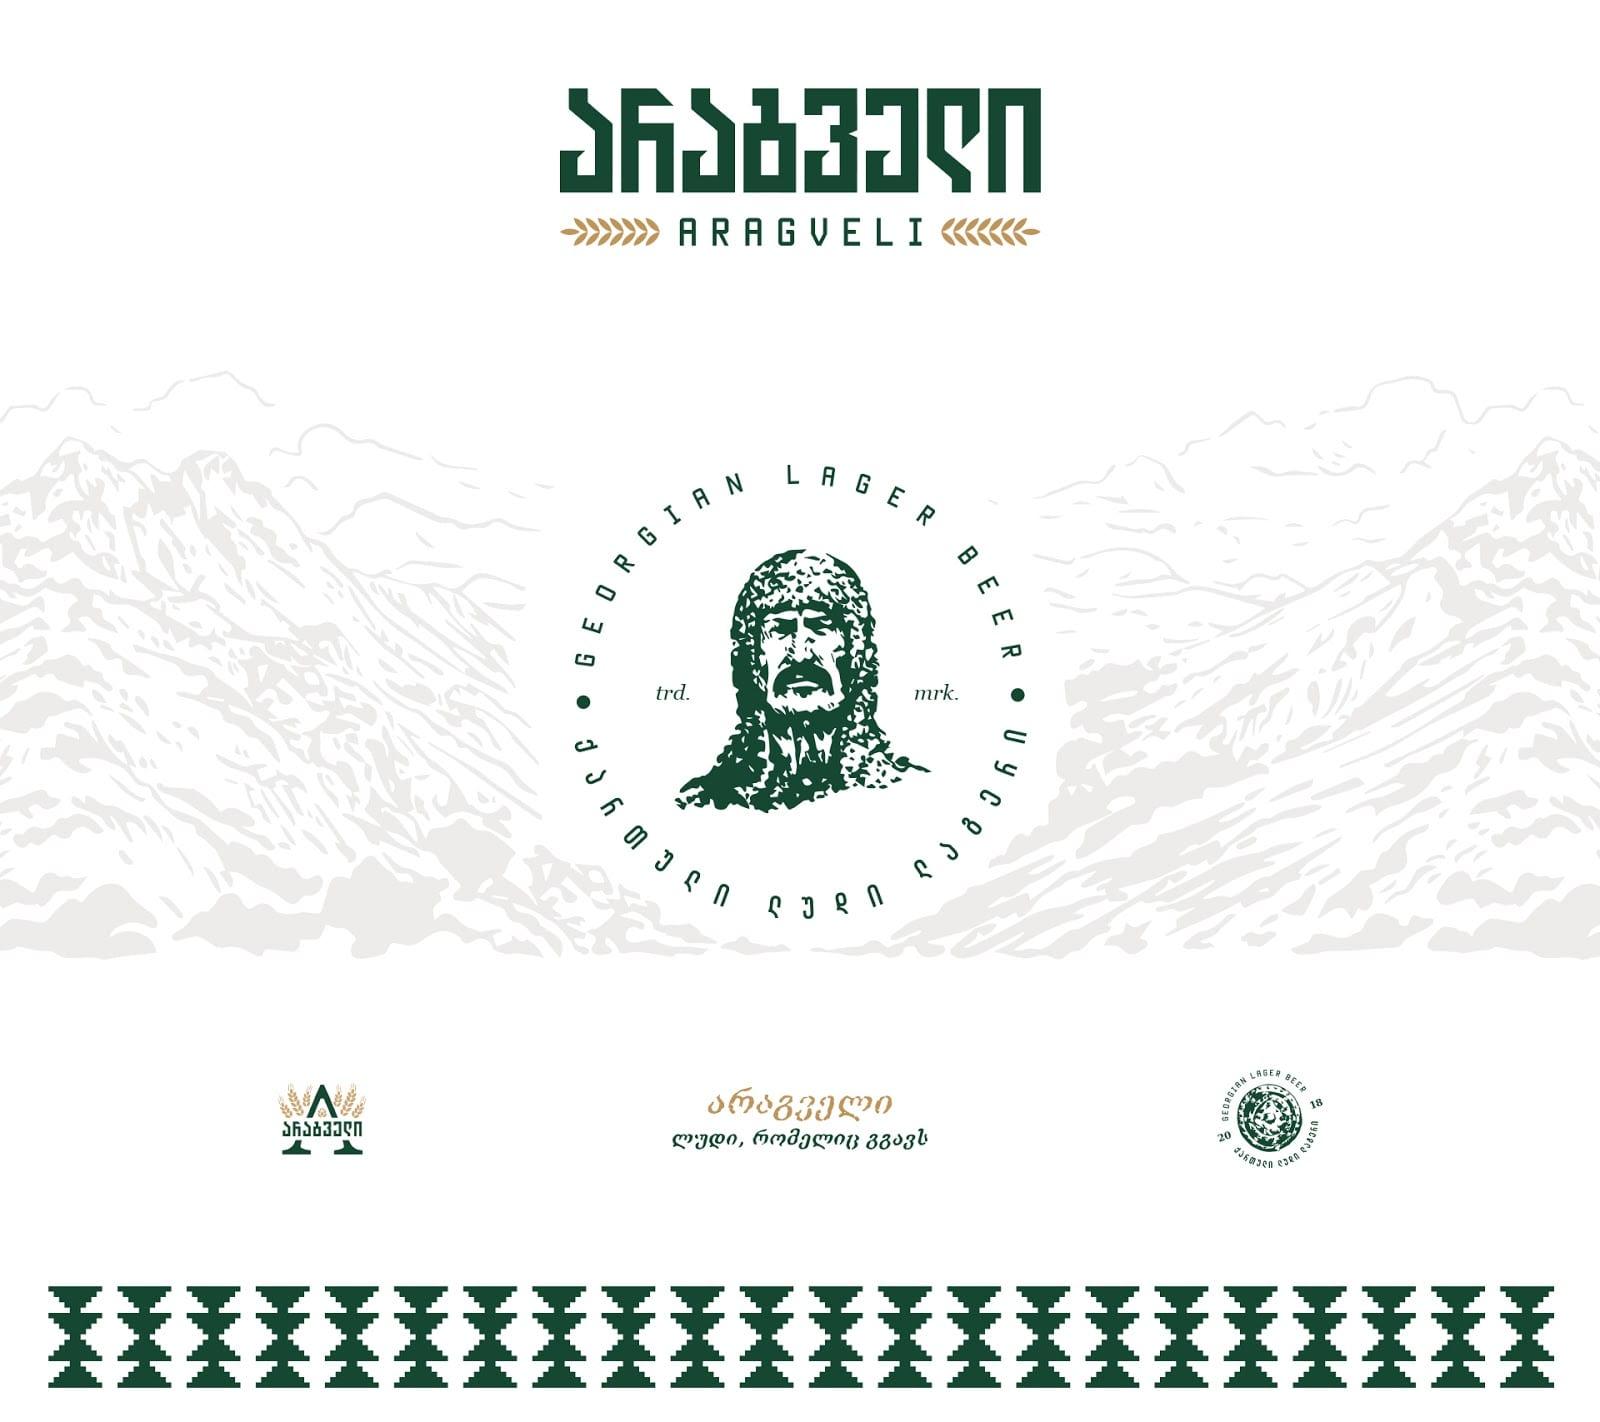 5 Materials - Odvážná podoba piva Aragveli